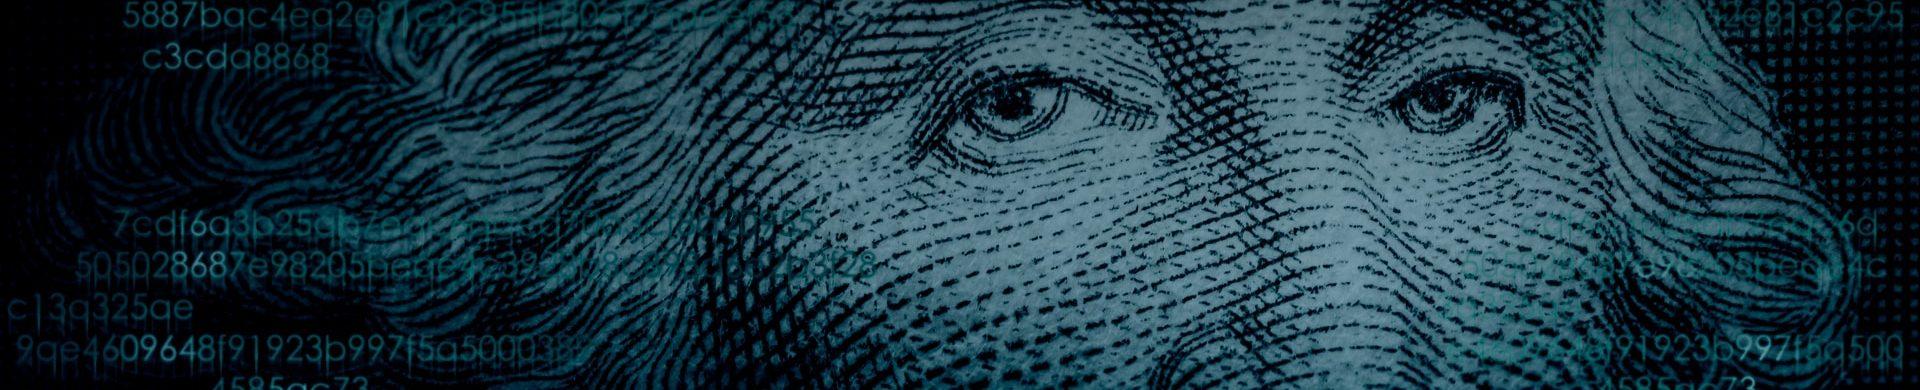 Консалтинг в сфере криптовалют